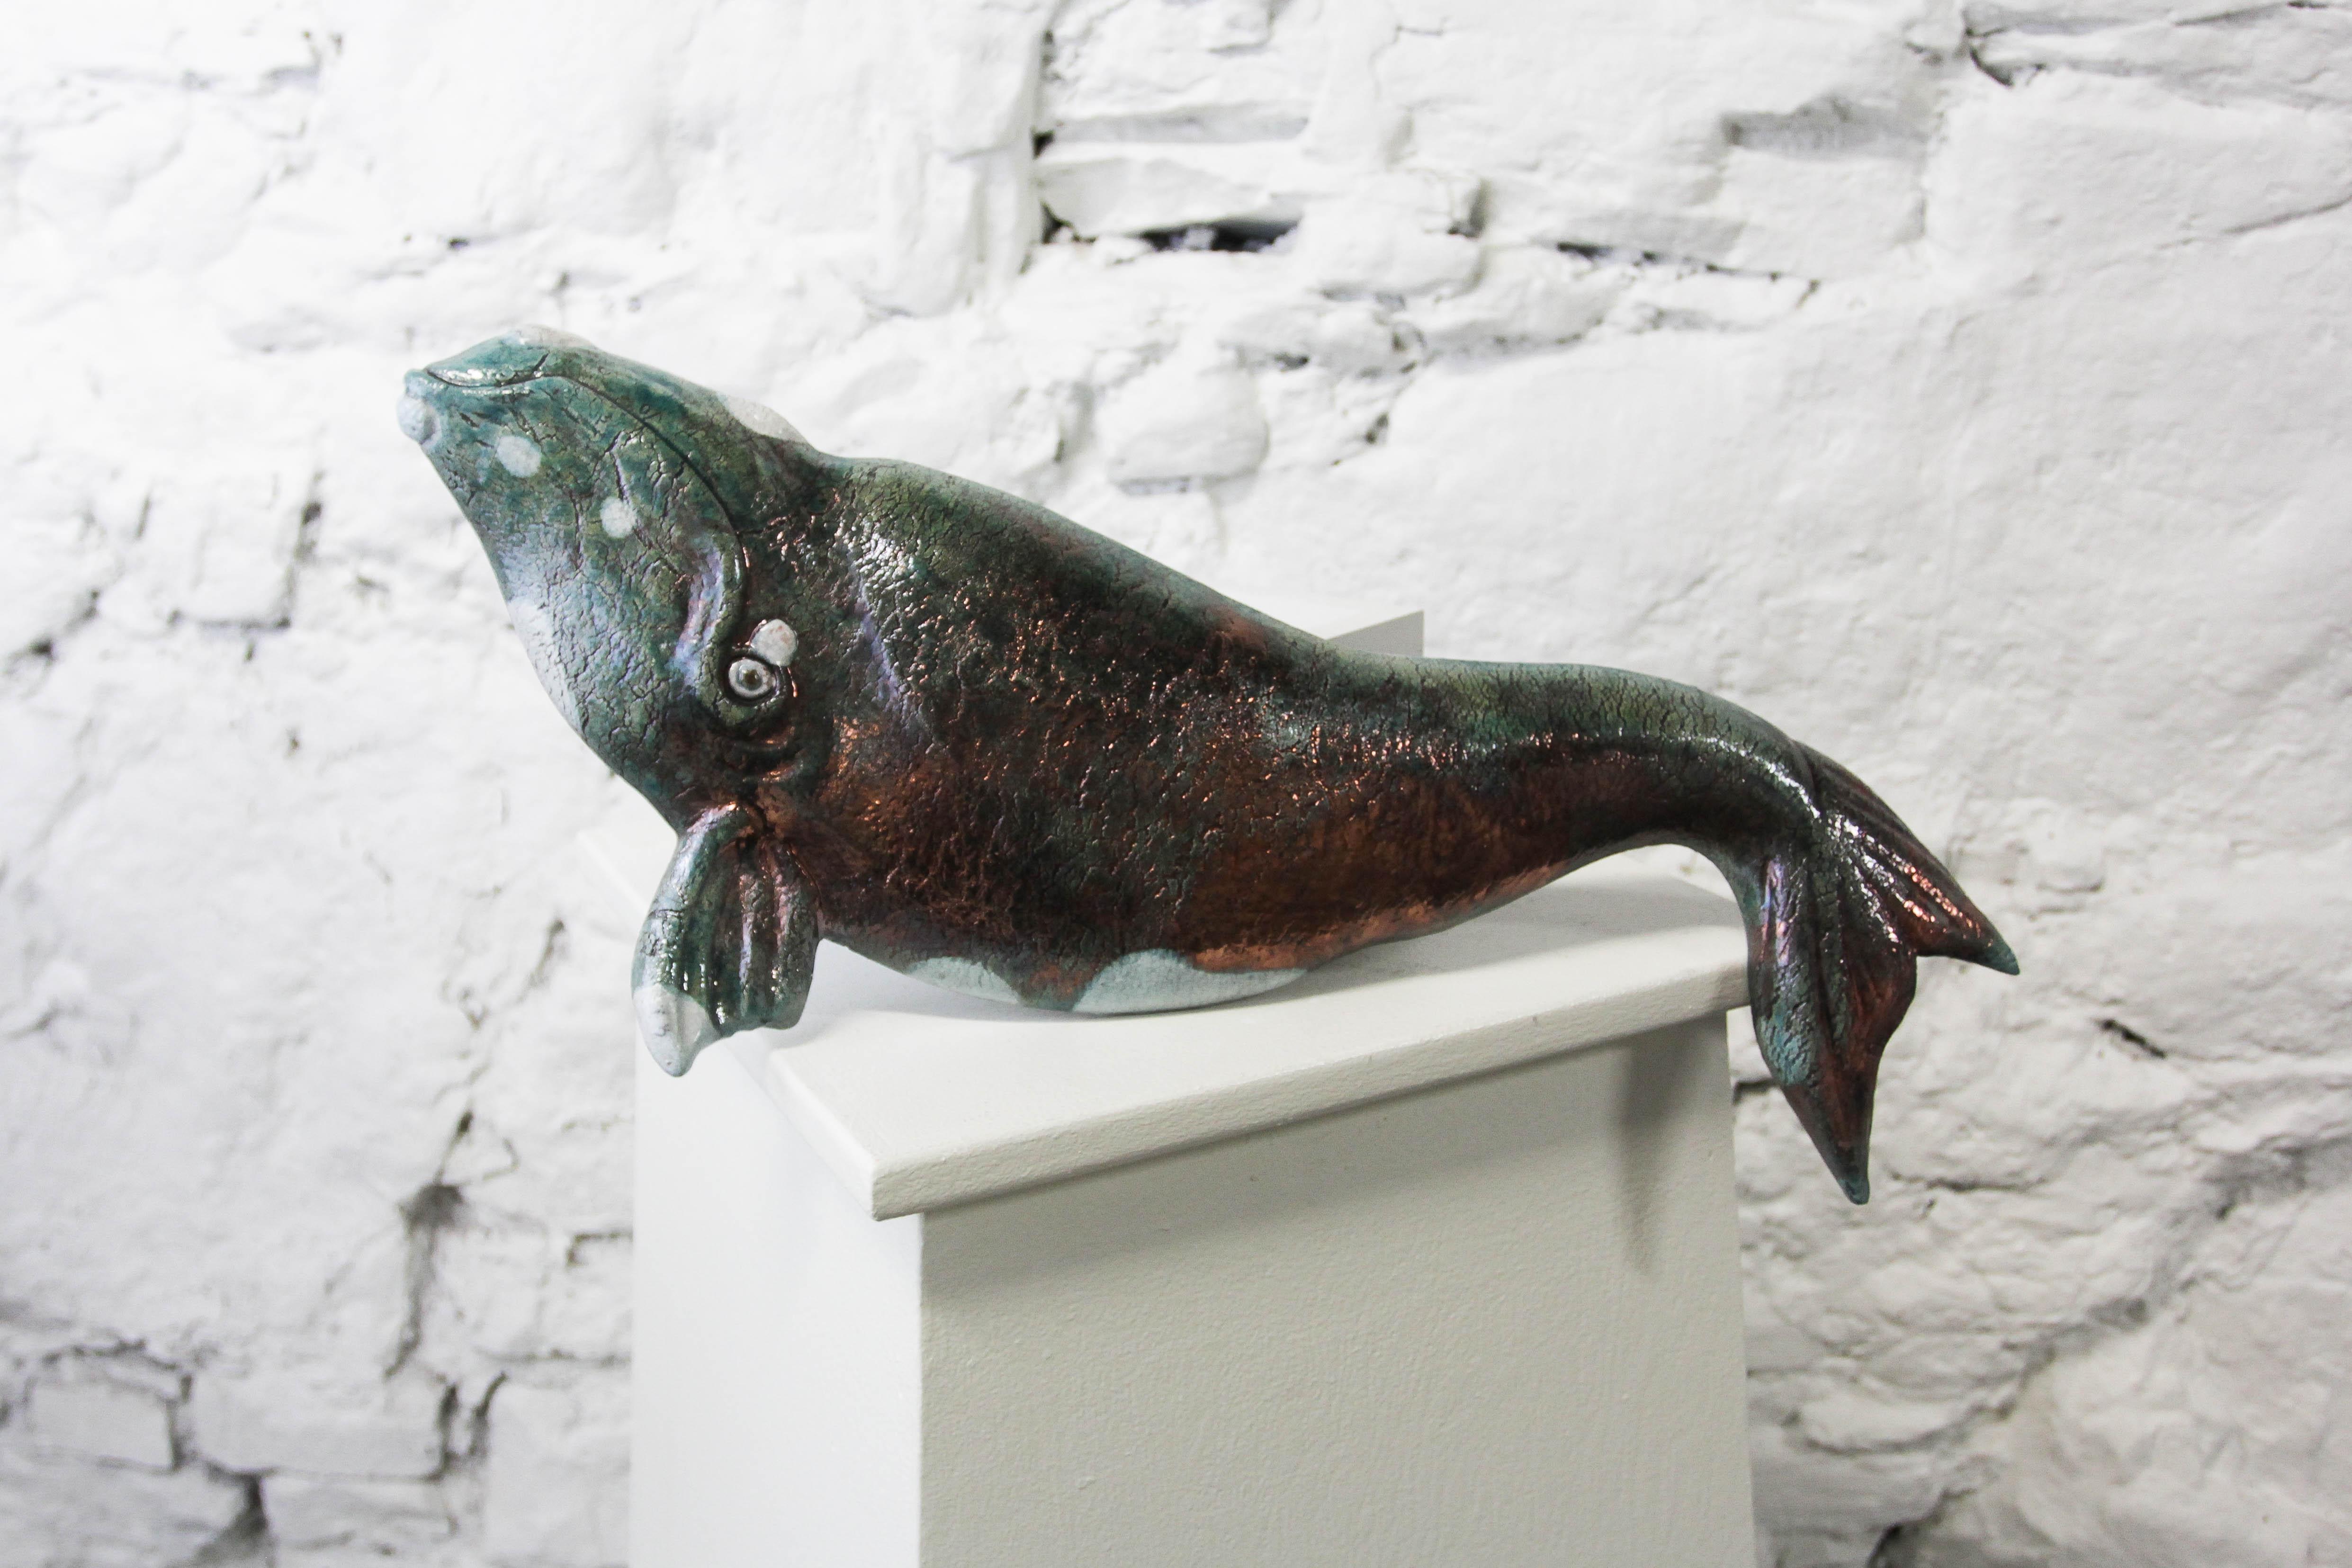 Whale, XL, $90, 459314